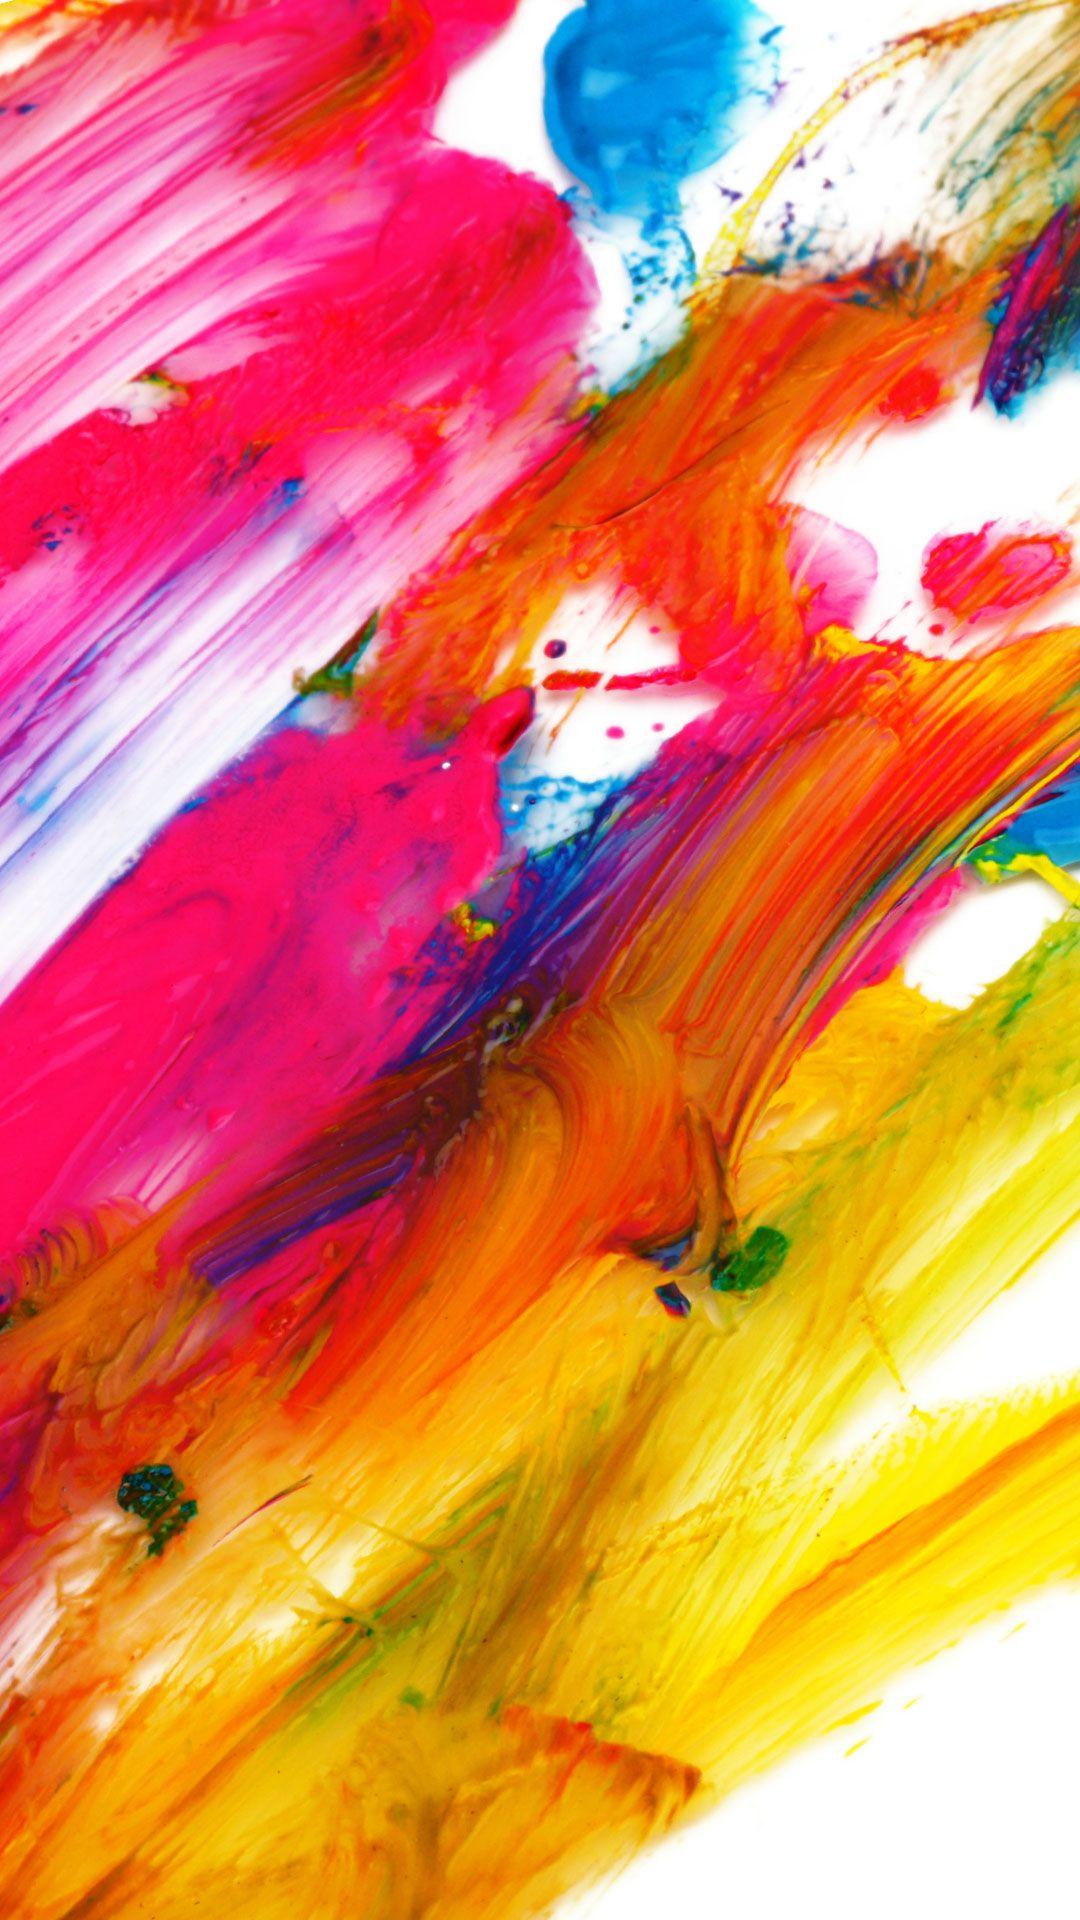 Paint Art Wallpaper Iphone 6 Plus - HD Wallpaper IPhone | Iphone Background  Art, Art Wallpaper Iphone, Iphone Art